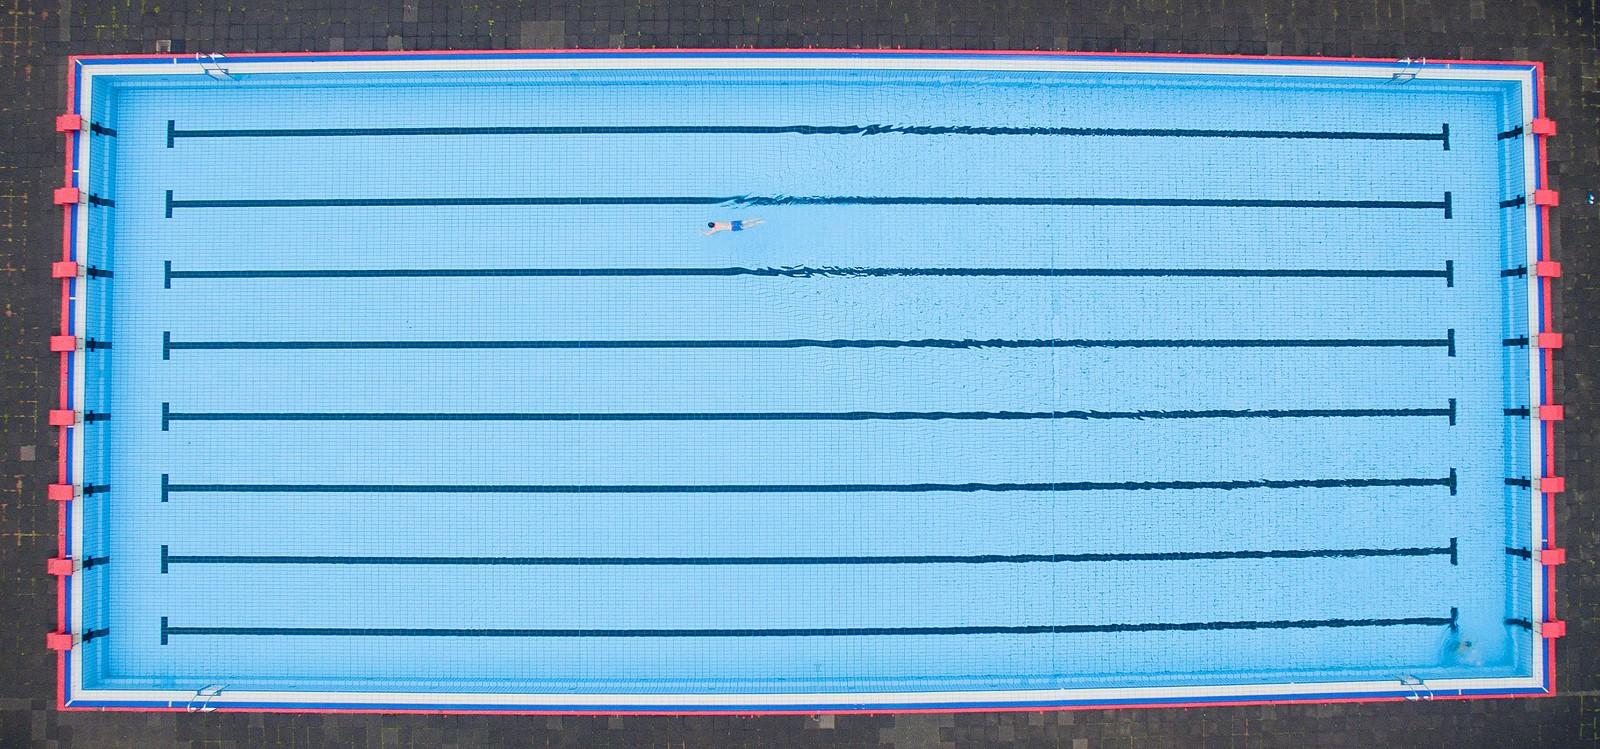 Trosser det skuffende sommerværet. En ensom gjest ved det offentlige bassenget Volksbad Limmer i Hanover i Tyskland den 15. juli. Det var overskyet og rundt 15 grader da bildet ble tatt.